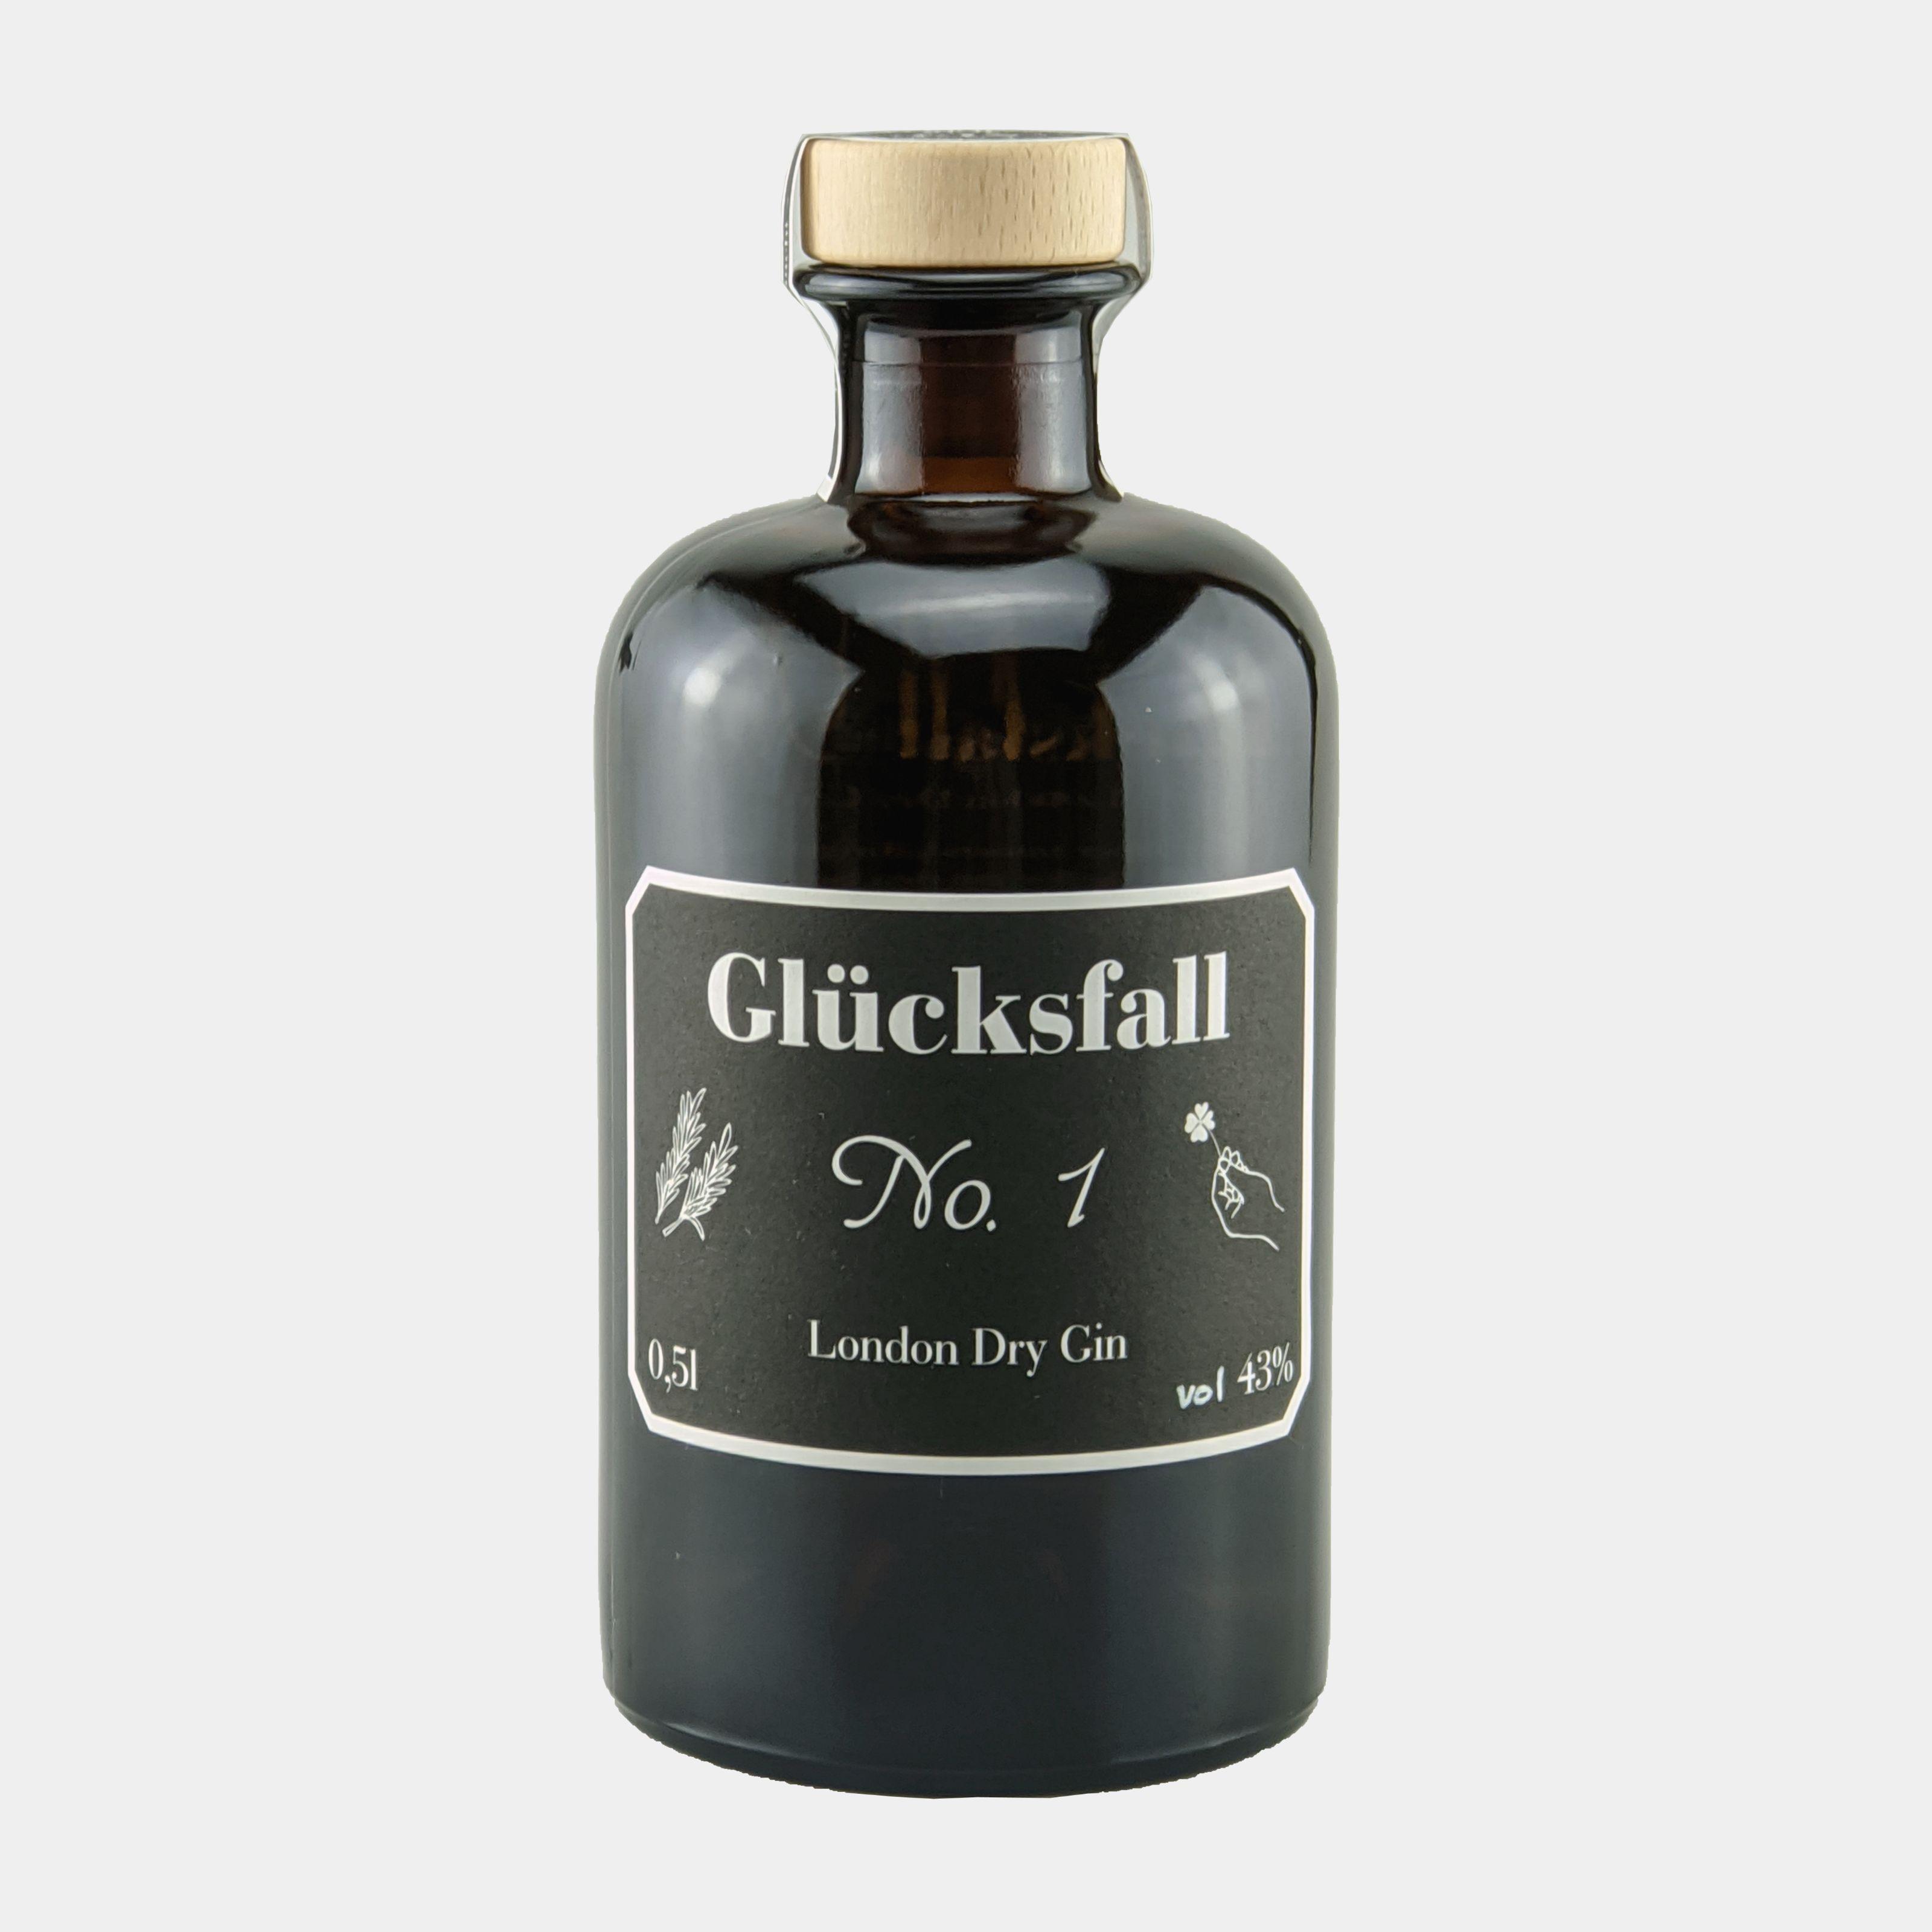 Gluecksfall Gin 0.5l 43% Alk.